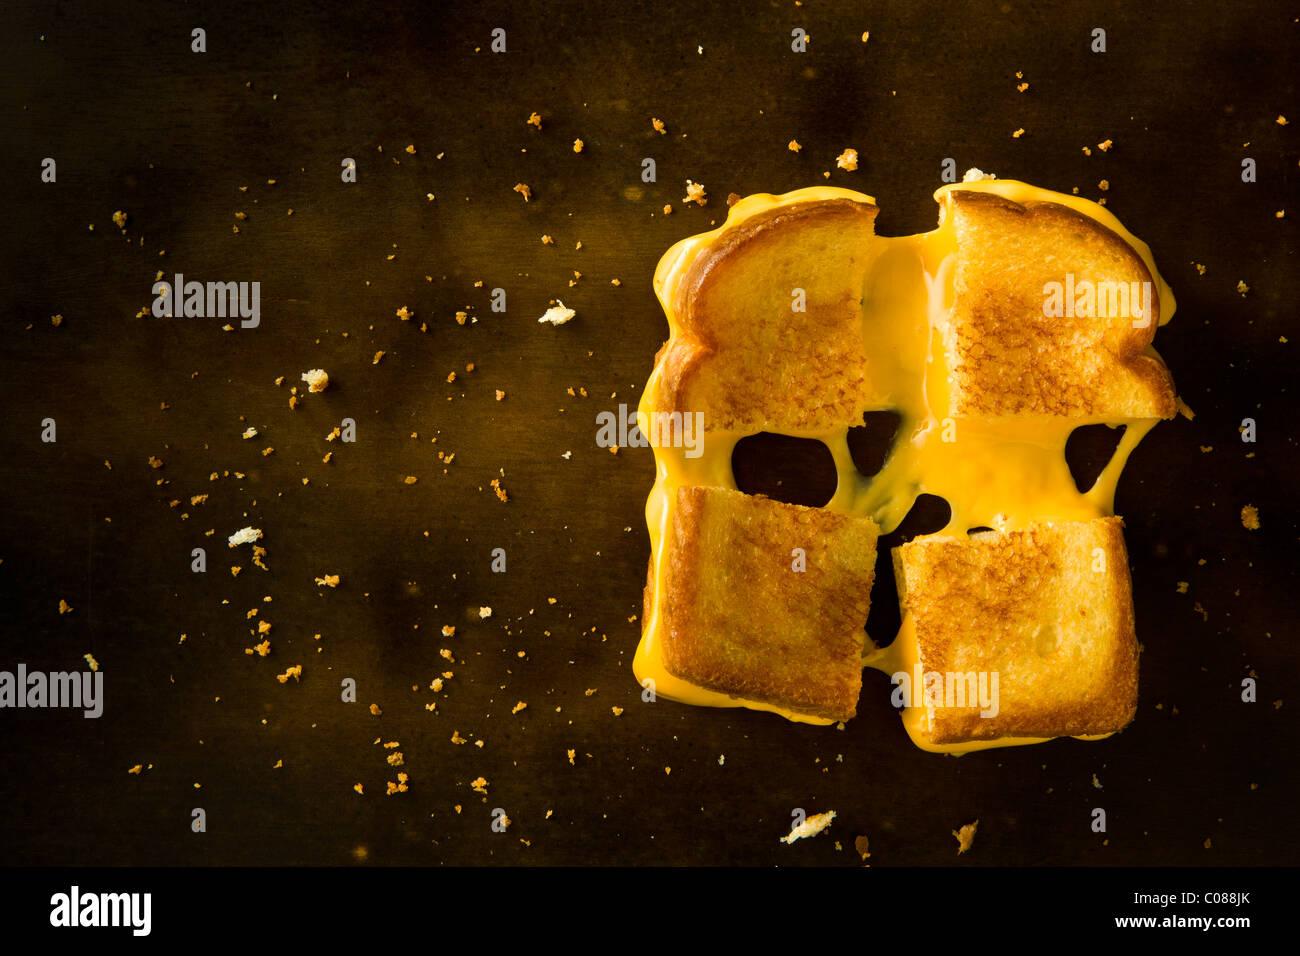 Un sandwich au fromage coupé en quatre carrés tirant le fromage sur une table en bois Photo Stock